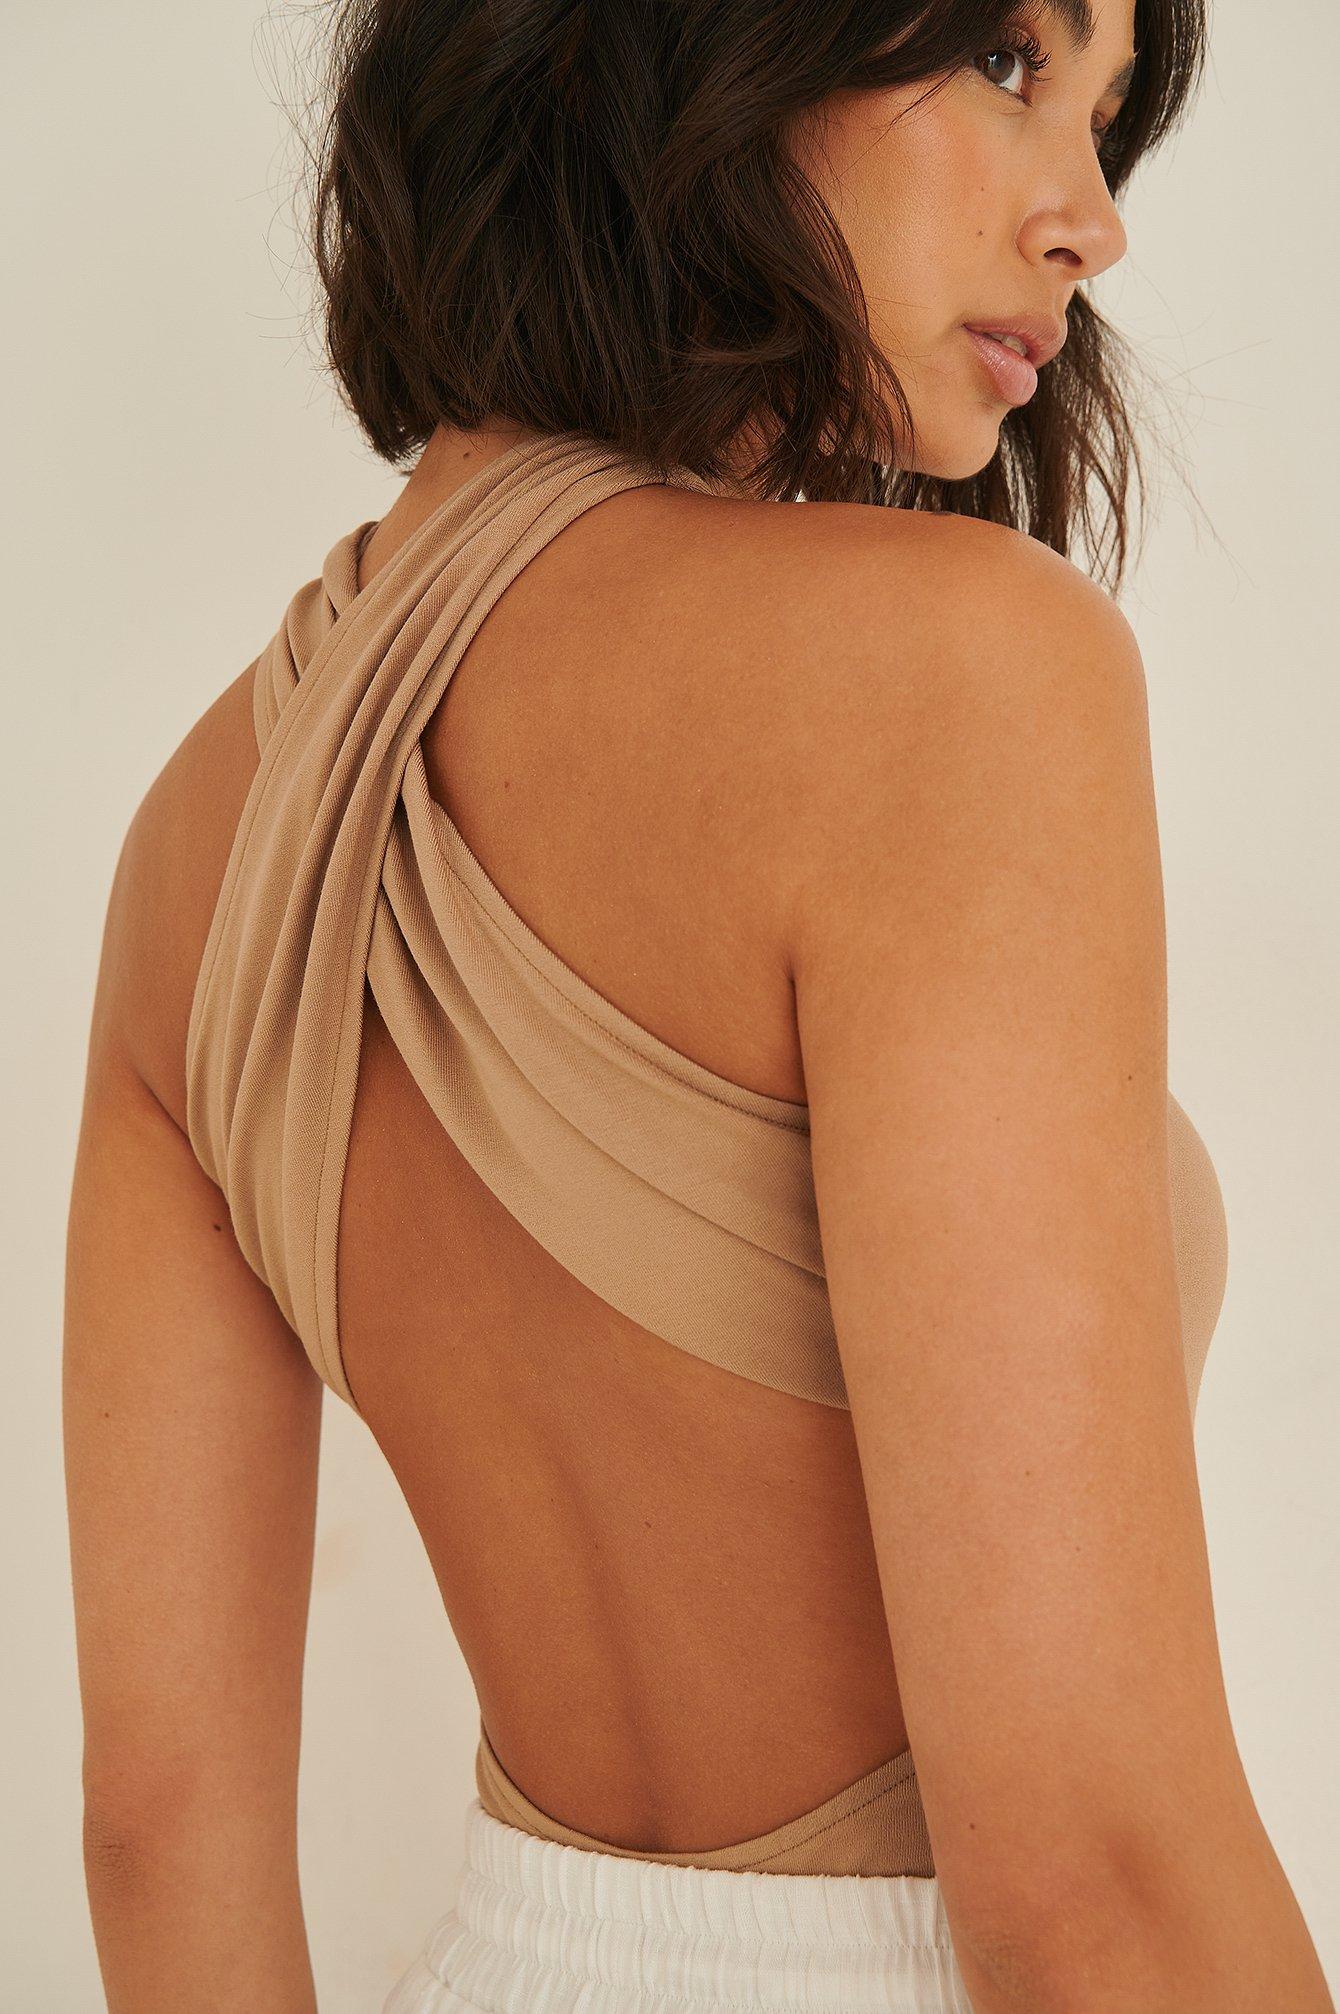 rianne meijer x na-kd -  Body Mit Gekreuzter Rückenpartie - Brown